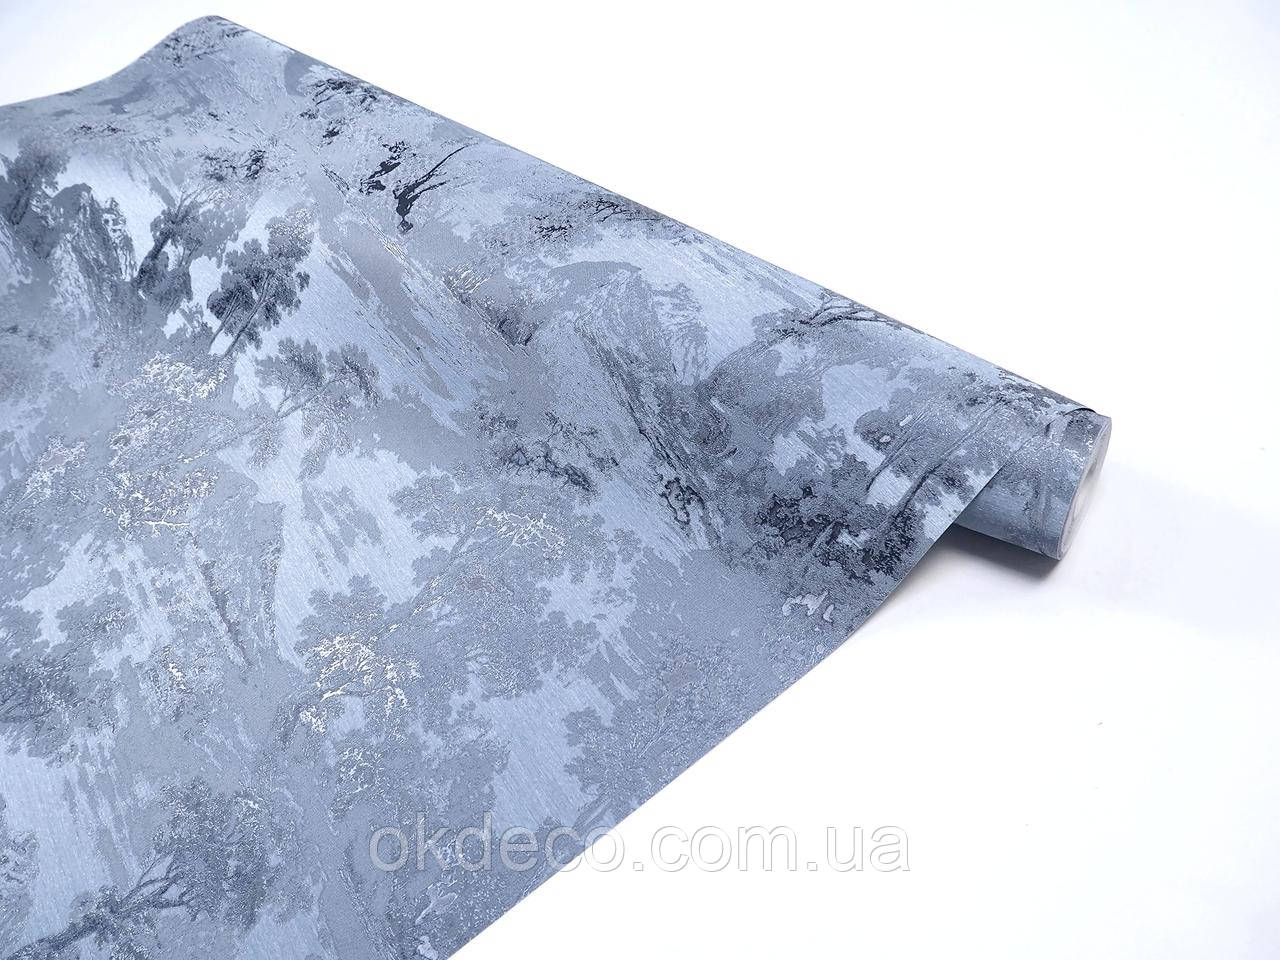 Обои виниловые на флизелиновой основе Asian Wallpaper 196706